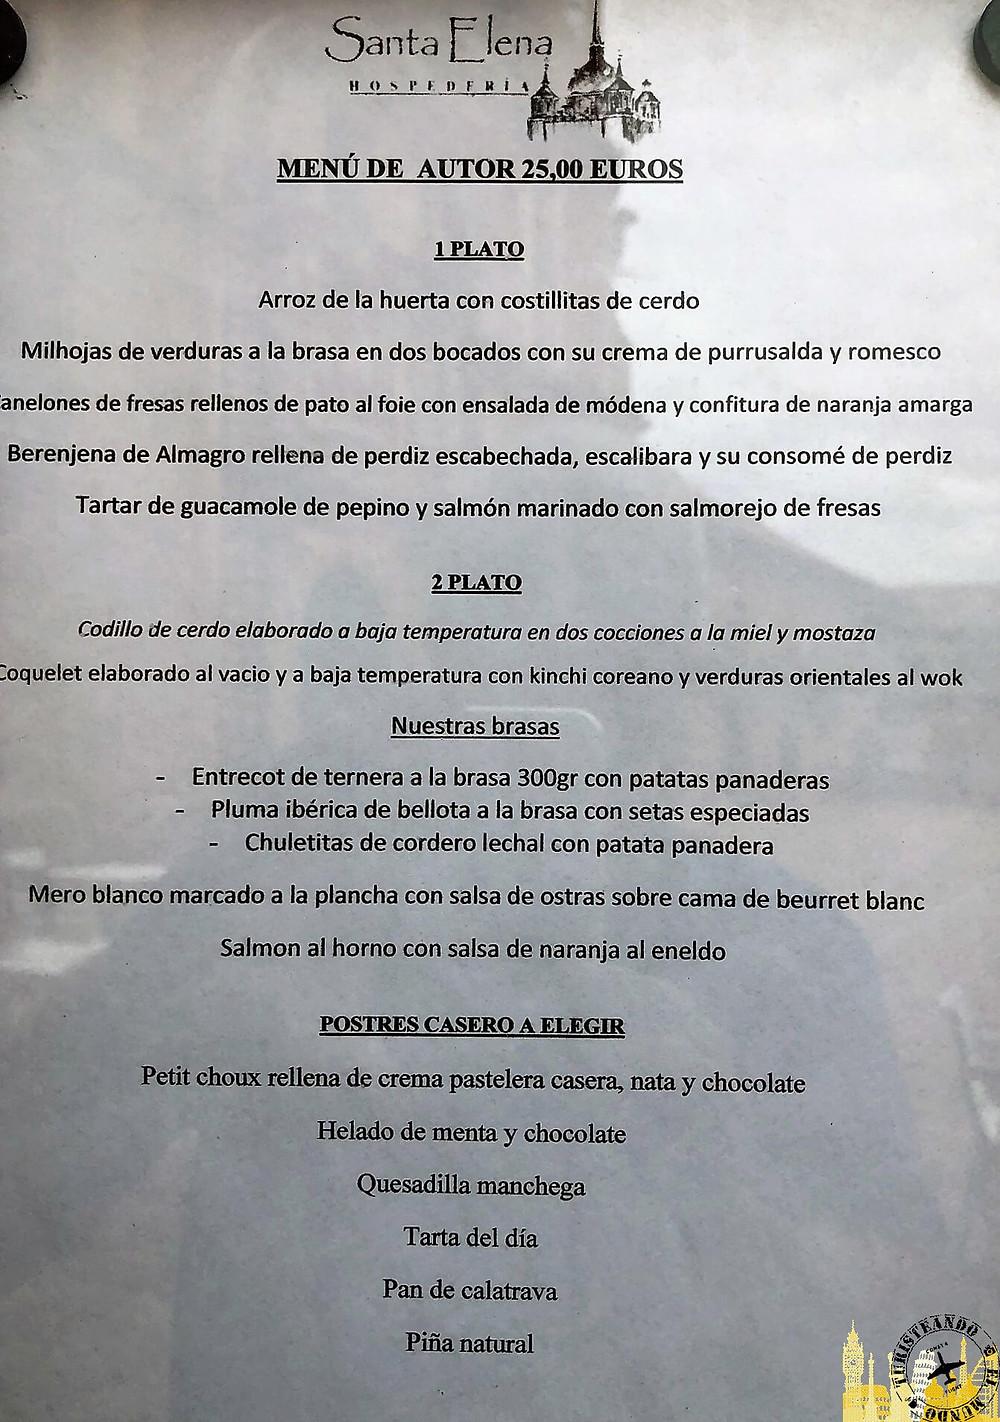 Hospedería Santa Elena. San Carlos del Valle. Castilla La Mancha